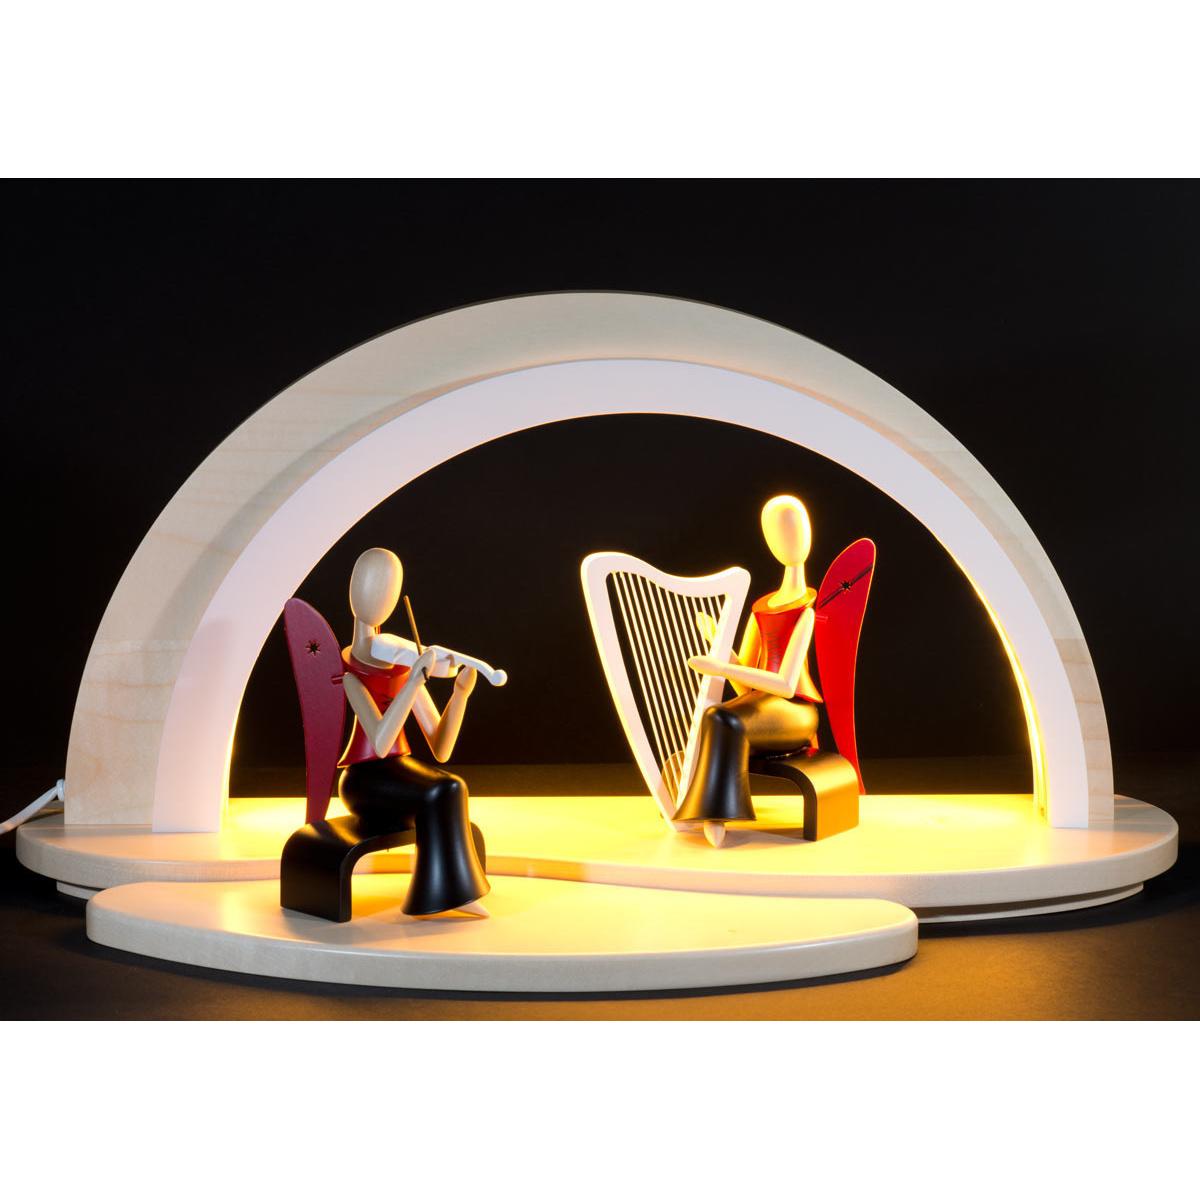 schwibbogen led beleuchtung ohne dekofl che wei von n umanns f r kaufen. Black Bedroom Furniture Sets. Home Design Ideas